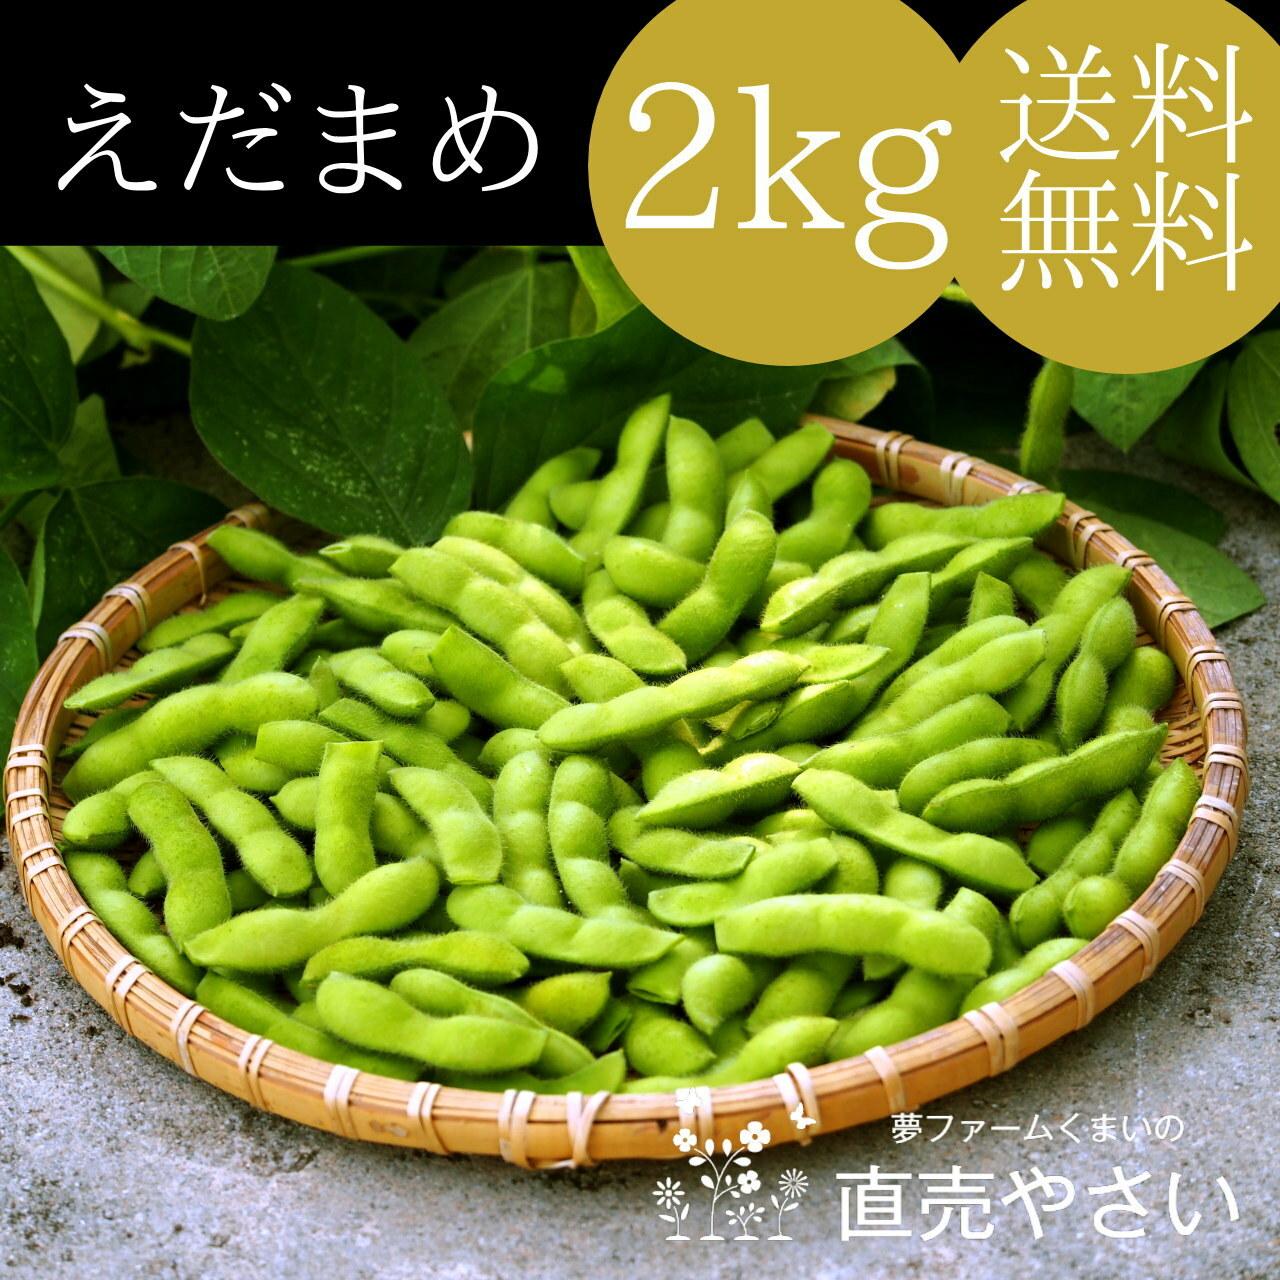 美味しい 枝豆 2kg 送料無料 朝採り - 農家の野菜通販